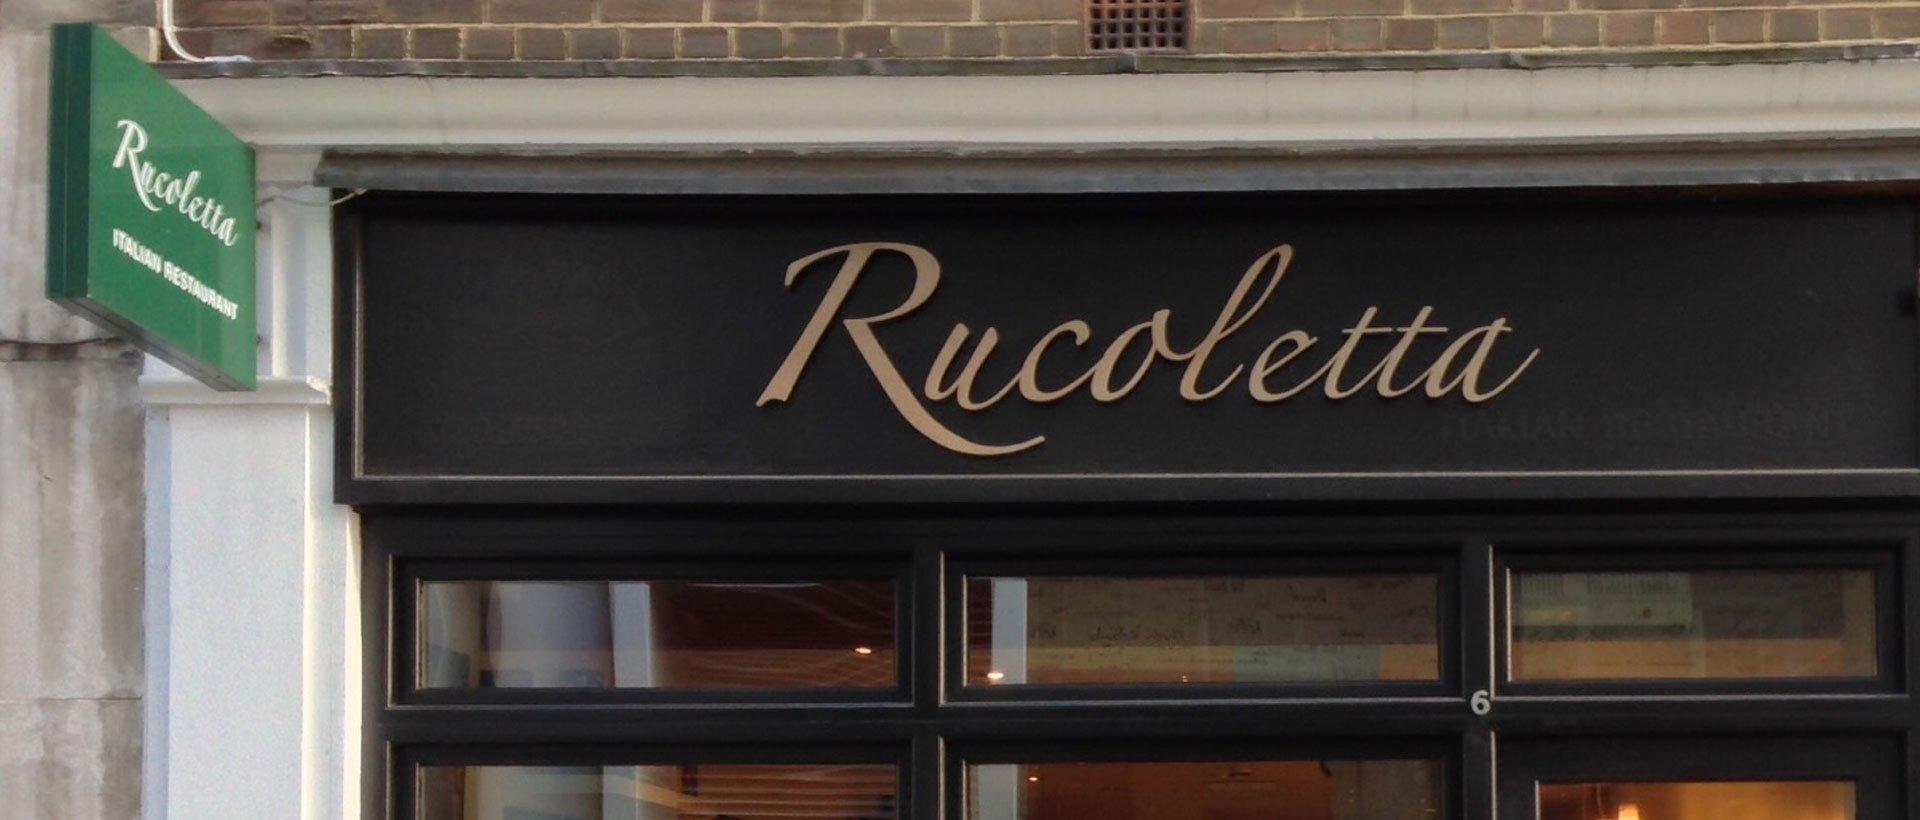 Rucoletta